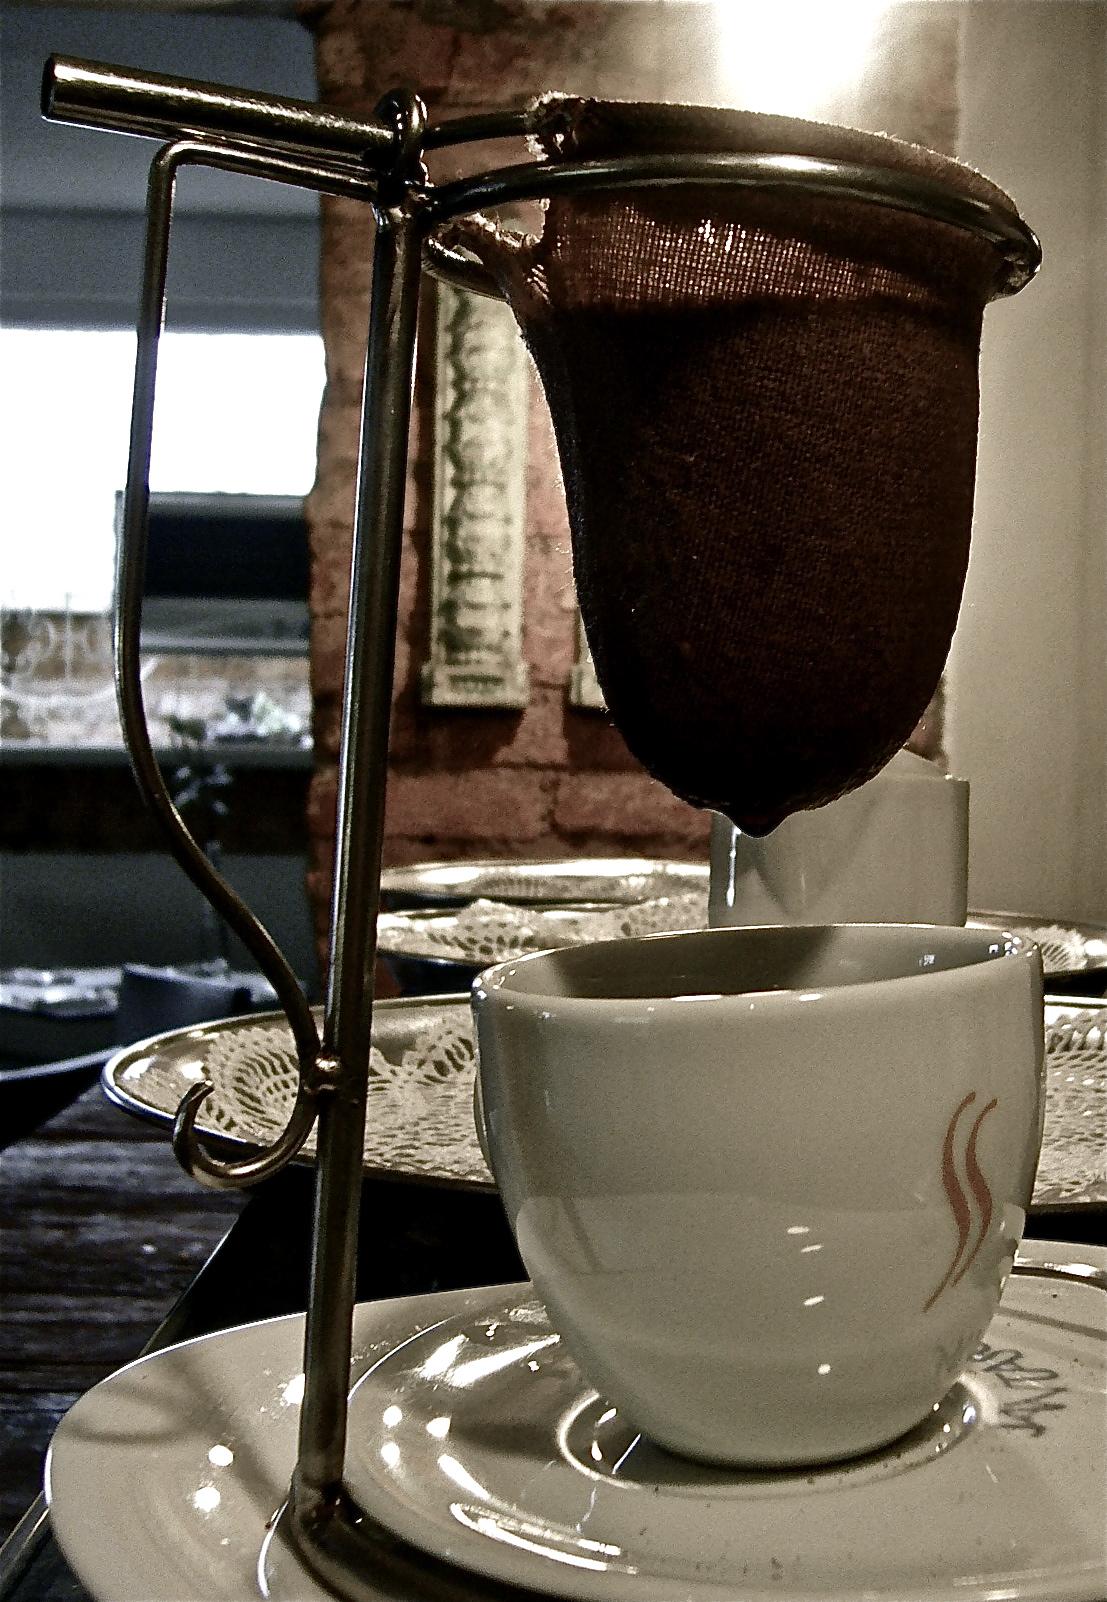 Cafezinho em clássica extração com coador de pano.